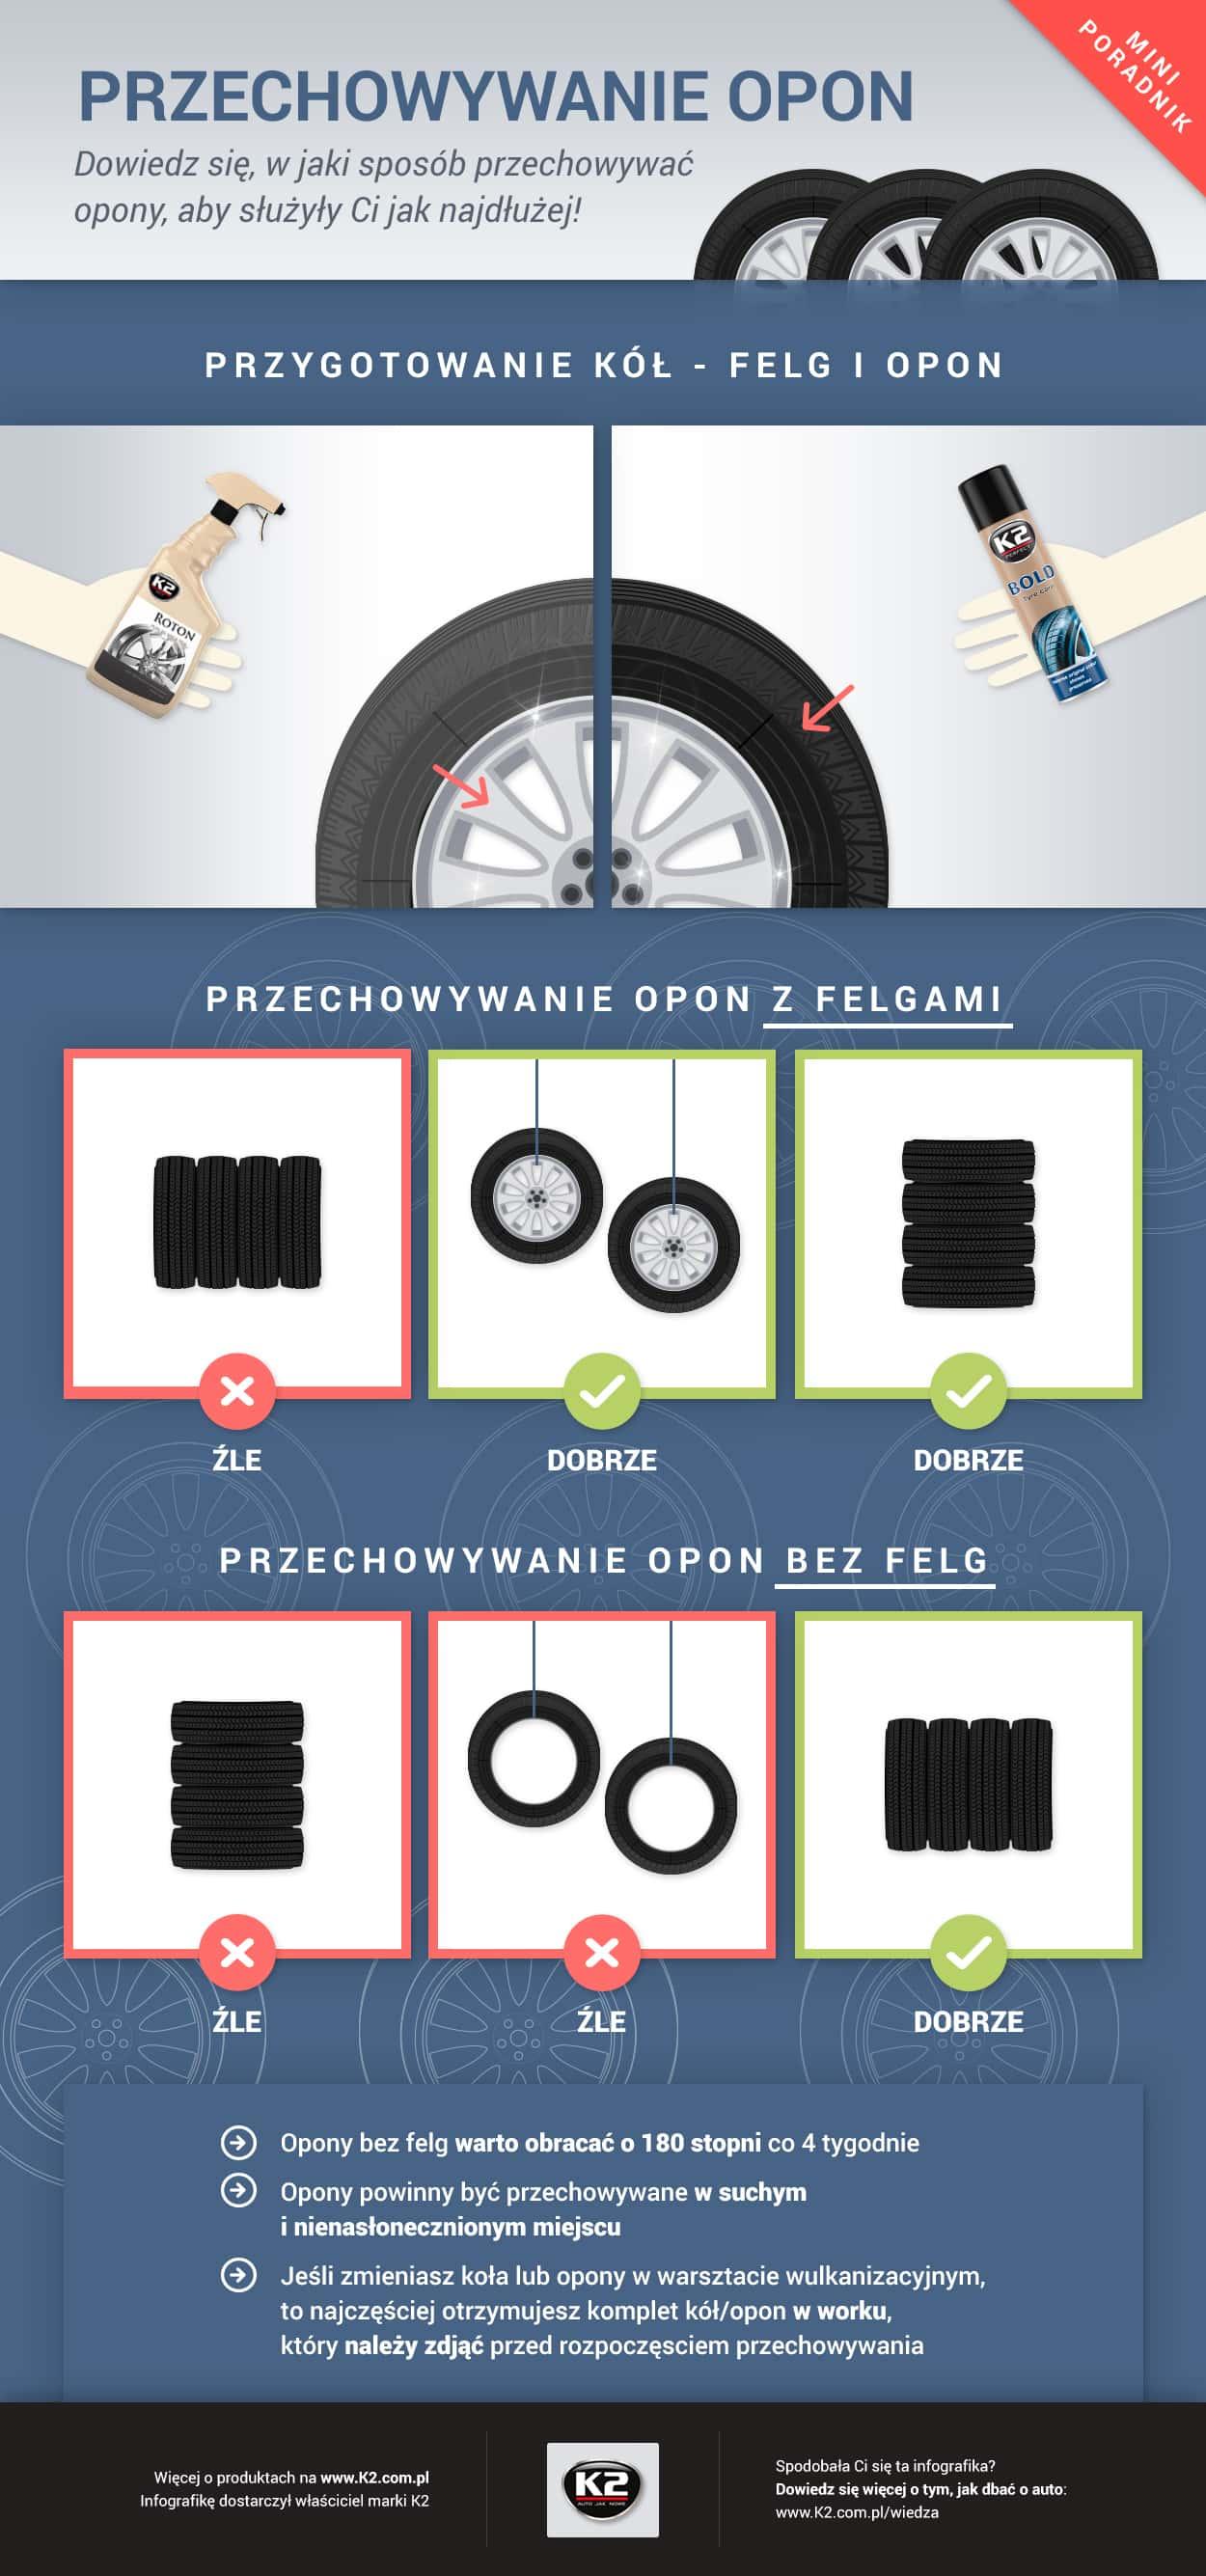 przechowywanie-opon-infografika